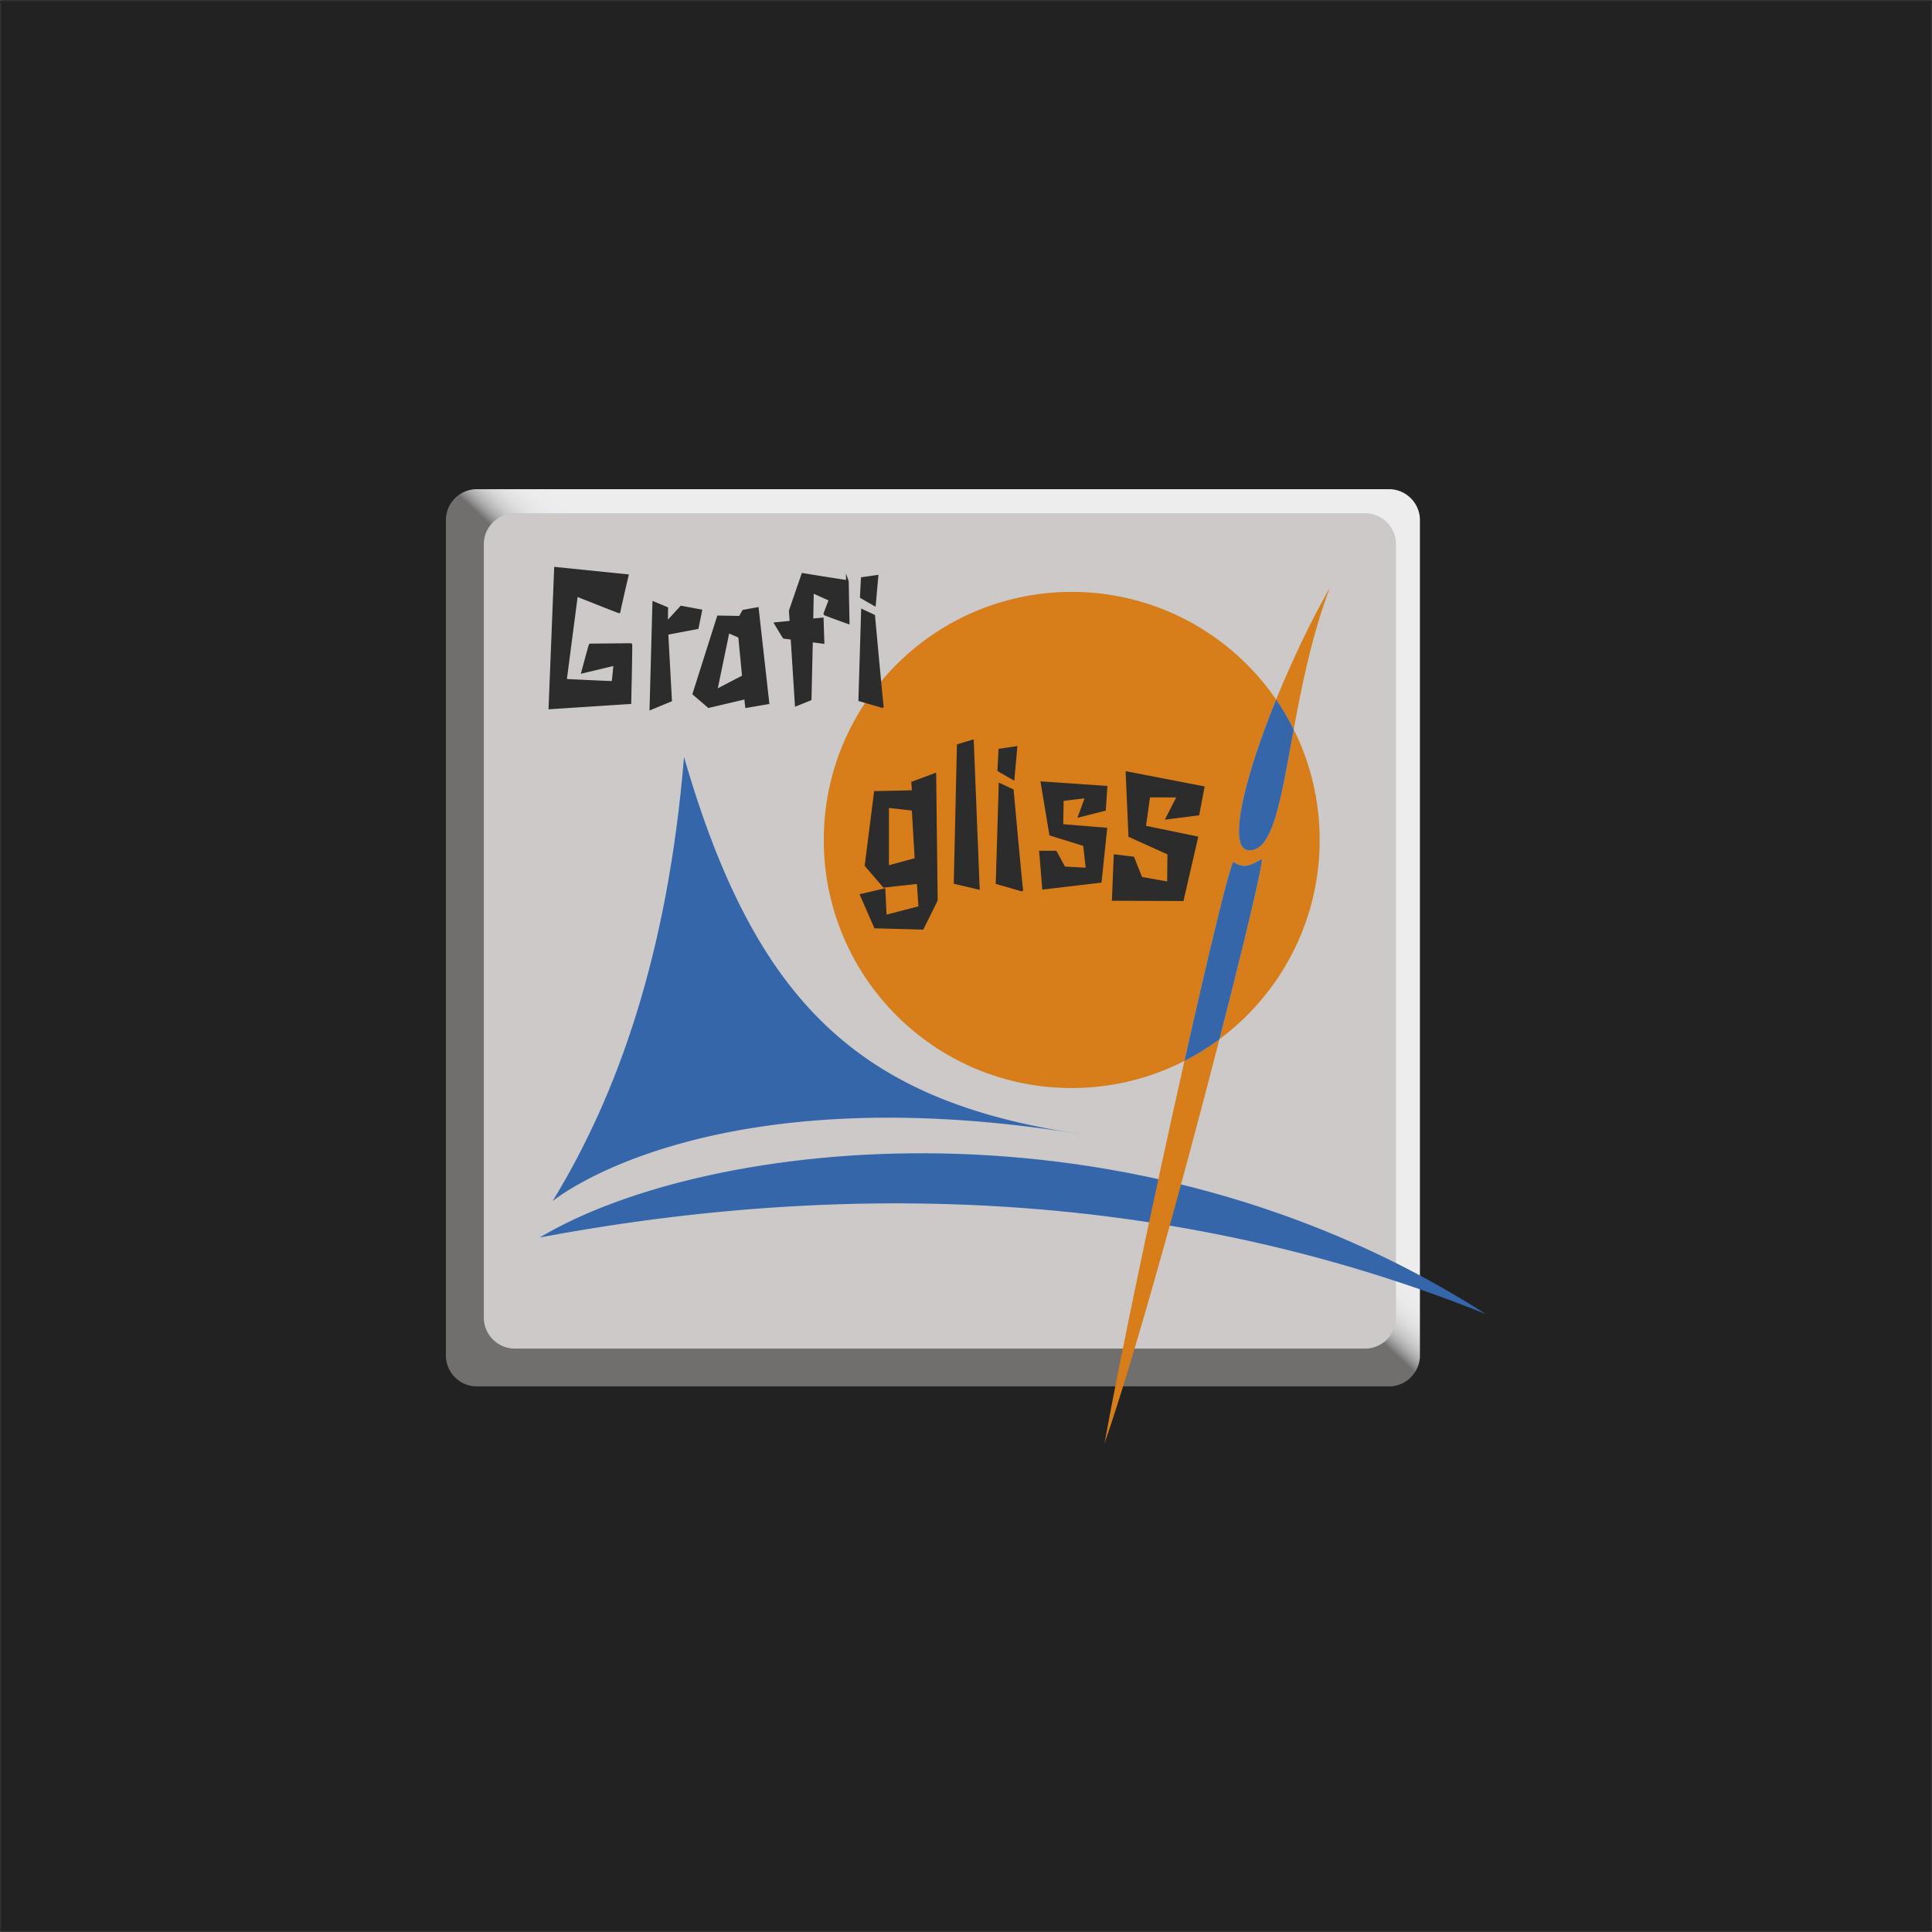 Logo Grafigliss